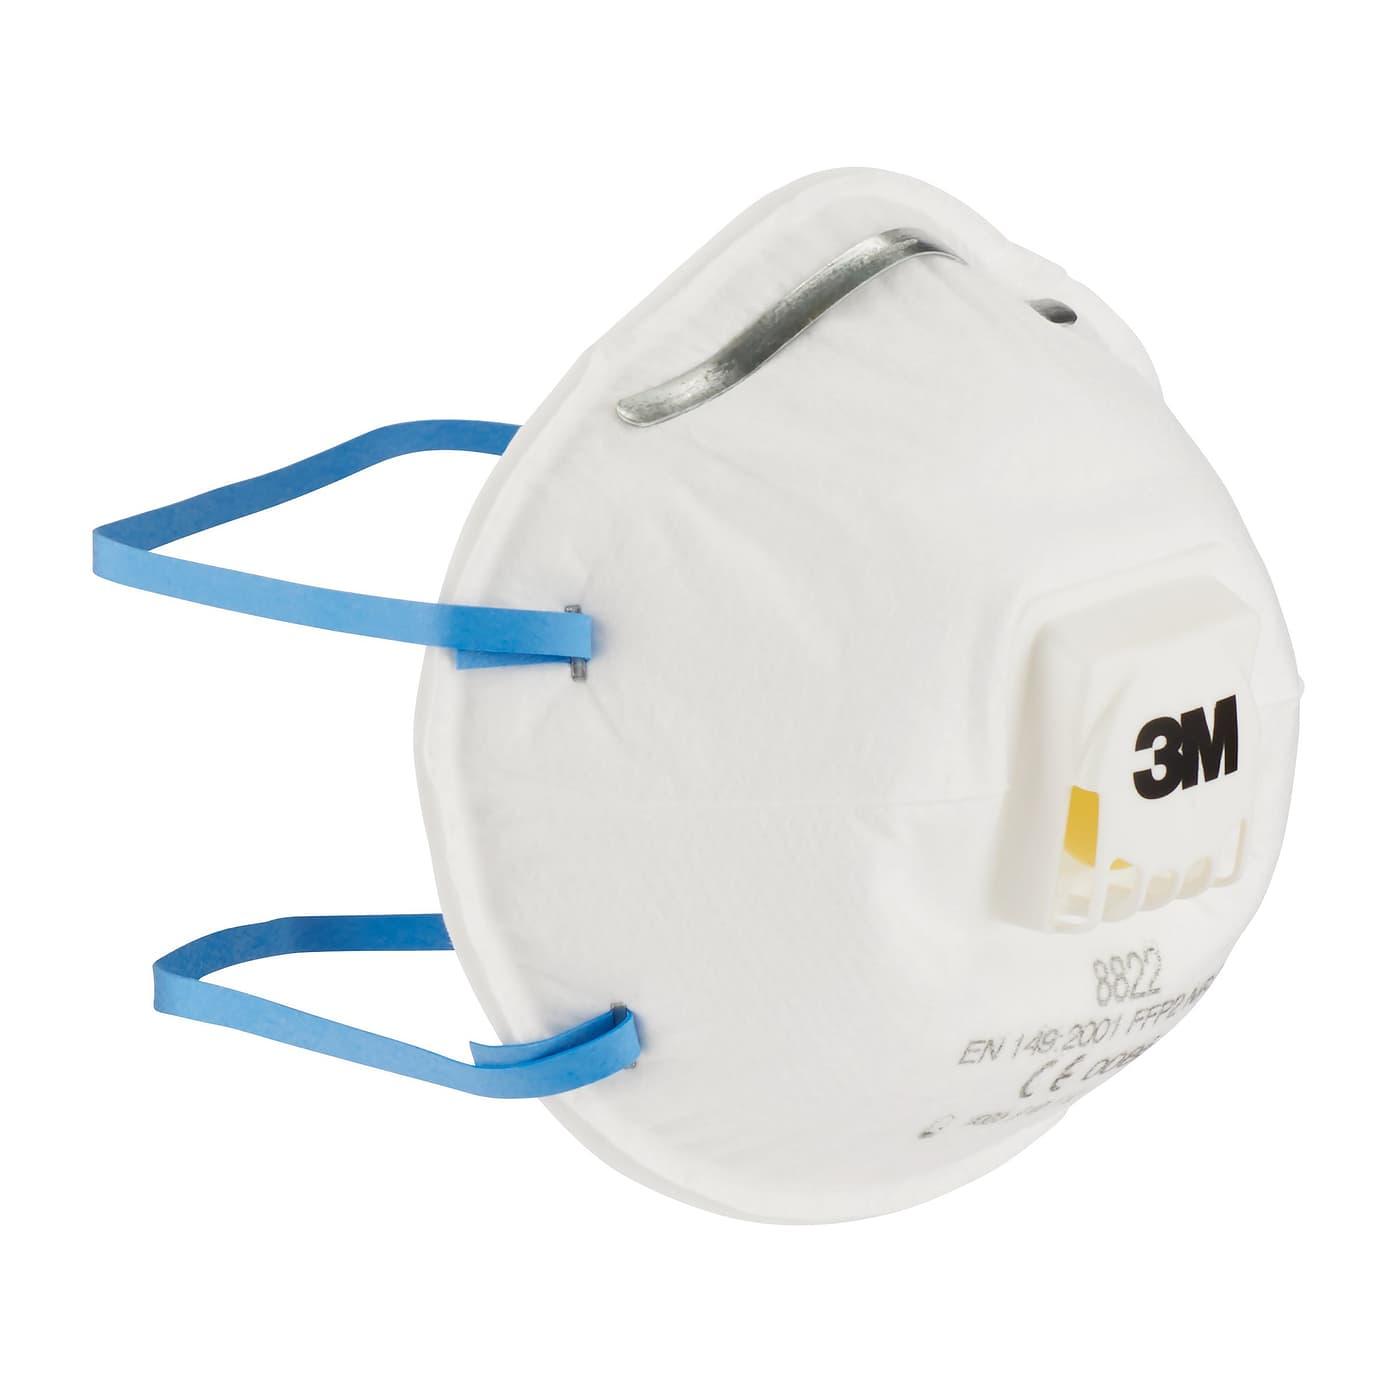 3M Arbeitsschutz FFP2 Maske für Elektrowerkzeugarbeiten ...